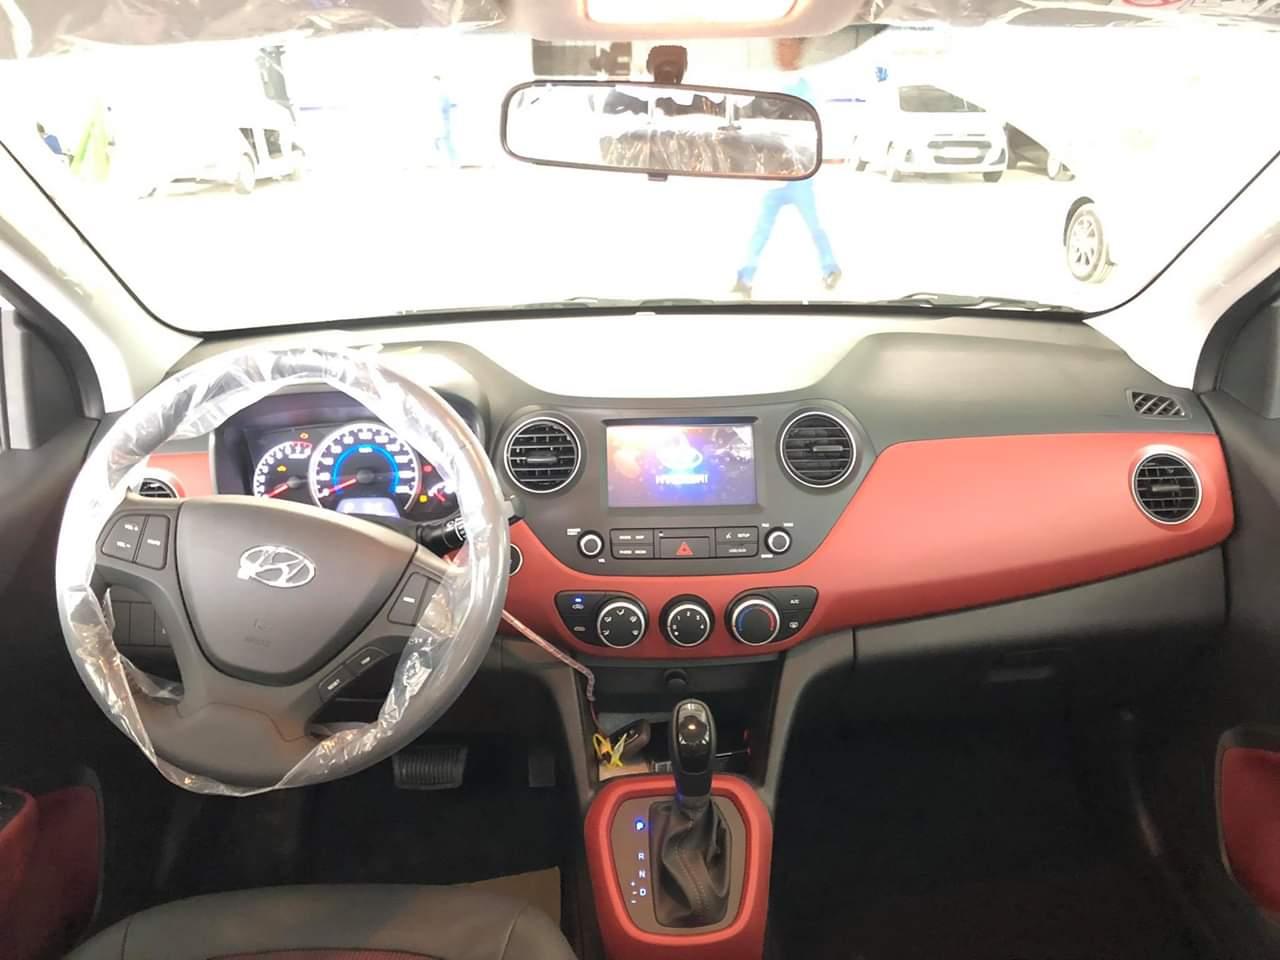 Báo giá xe Hyundai Grand i10 1.2 AT Hatchback bản mới nhất 2019